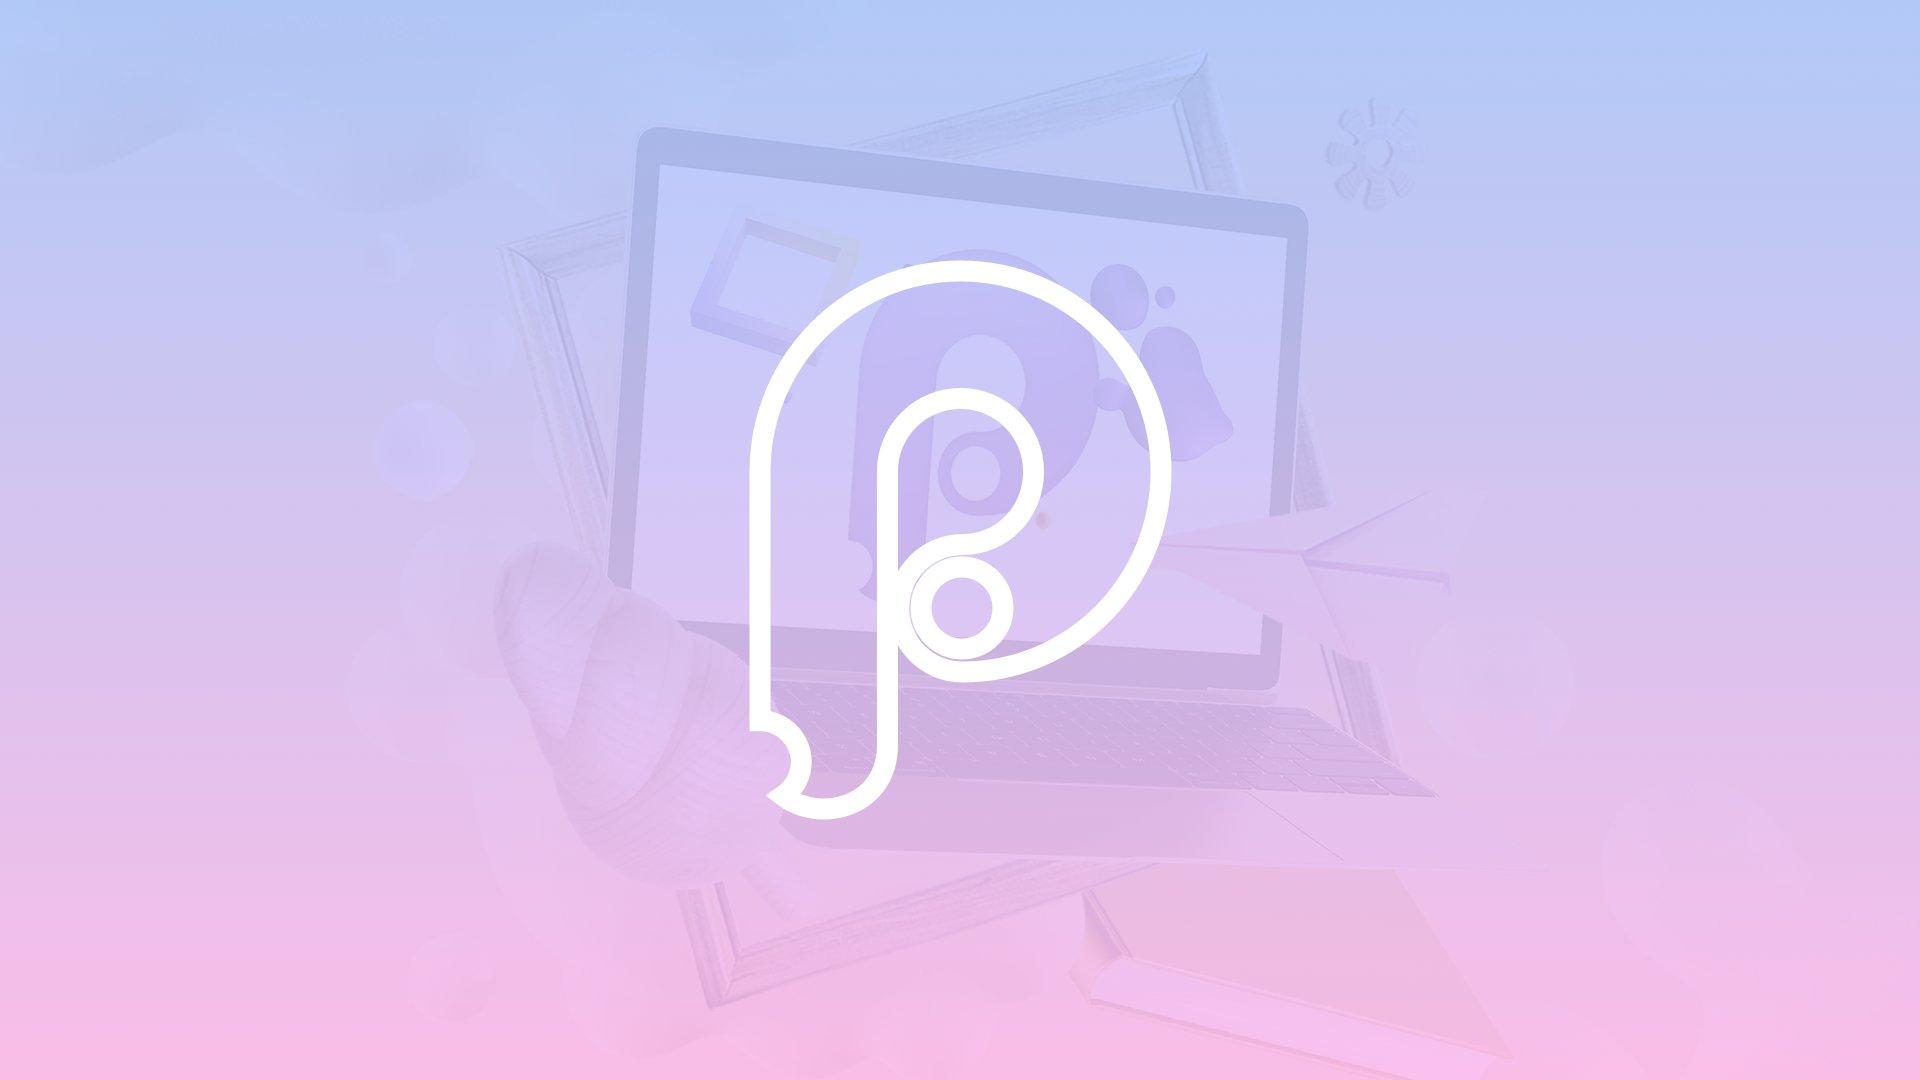 Principle App - UI Prototyping